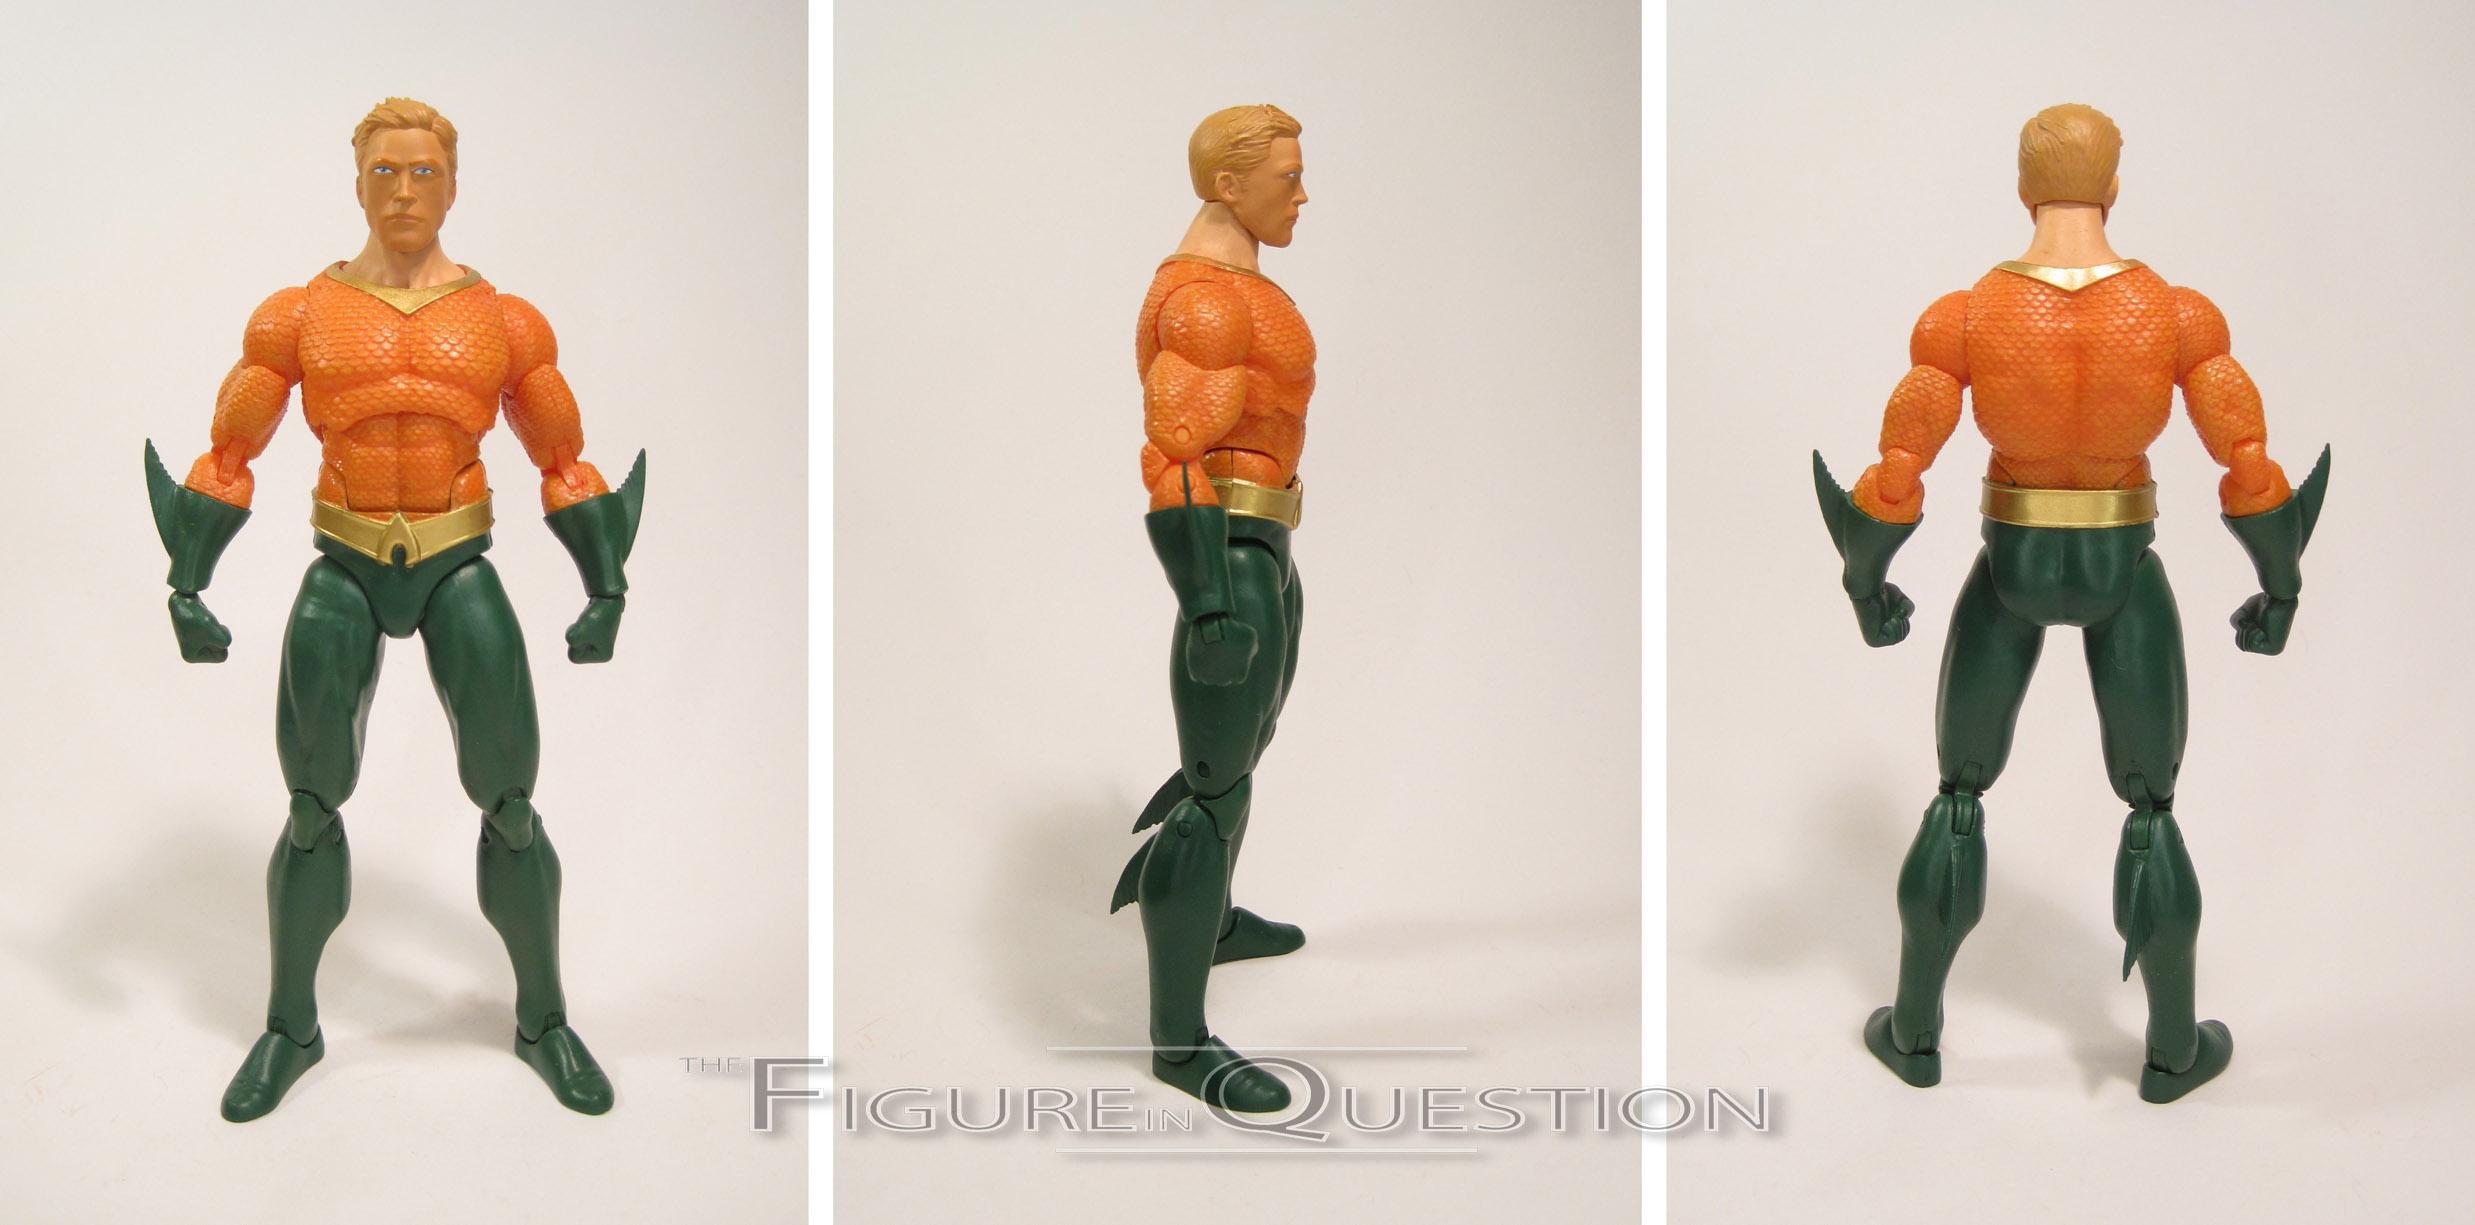 Hal Jordan The Figure In Question Bott Funko Pop Jl Cyborg